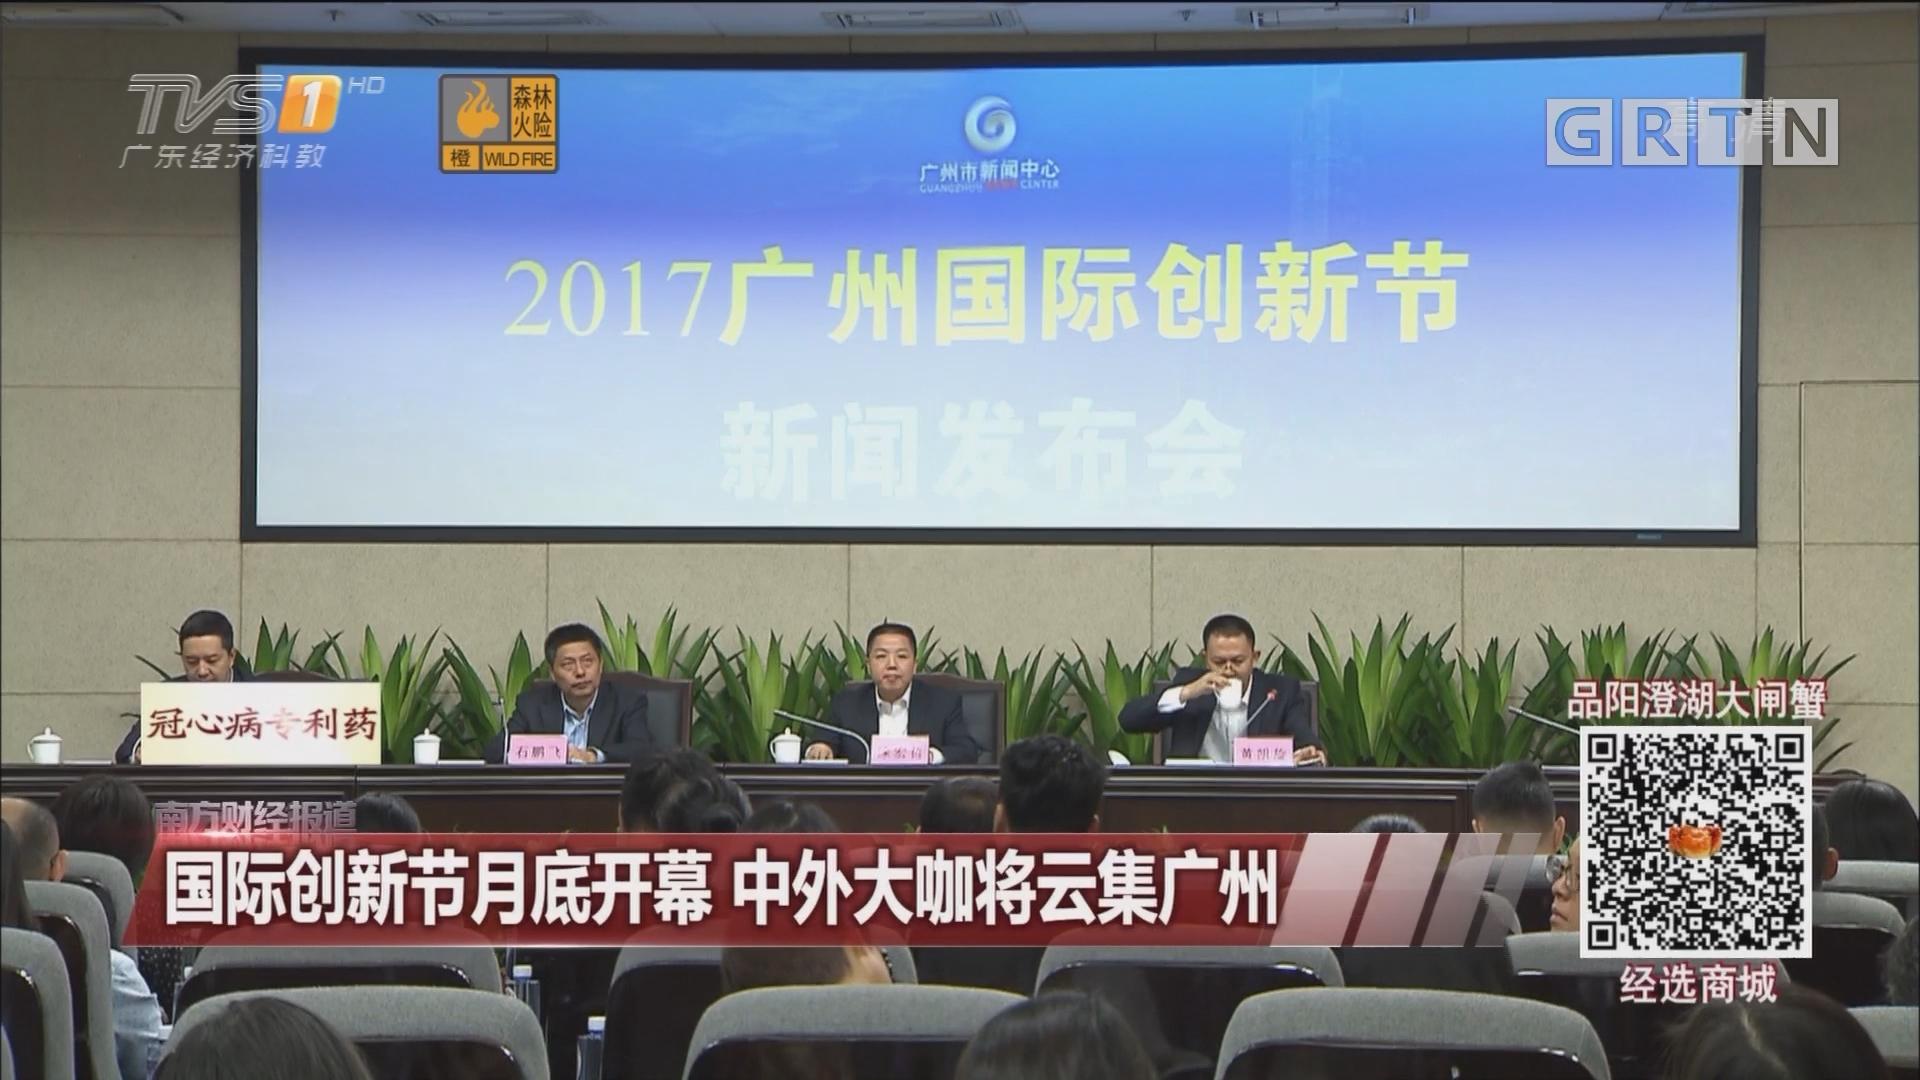 国际创新节月底开幕 中外大咖将云集广州